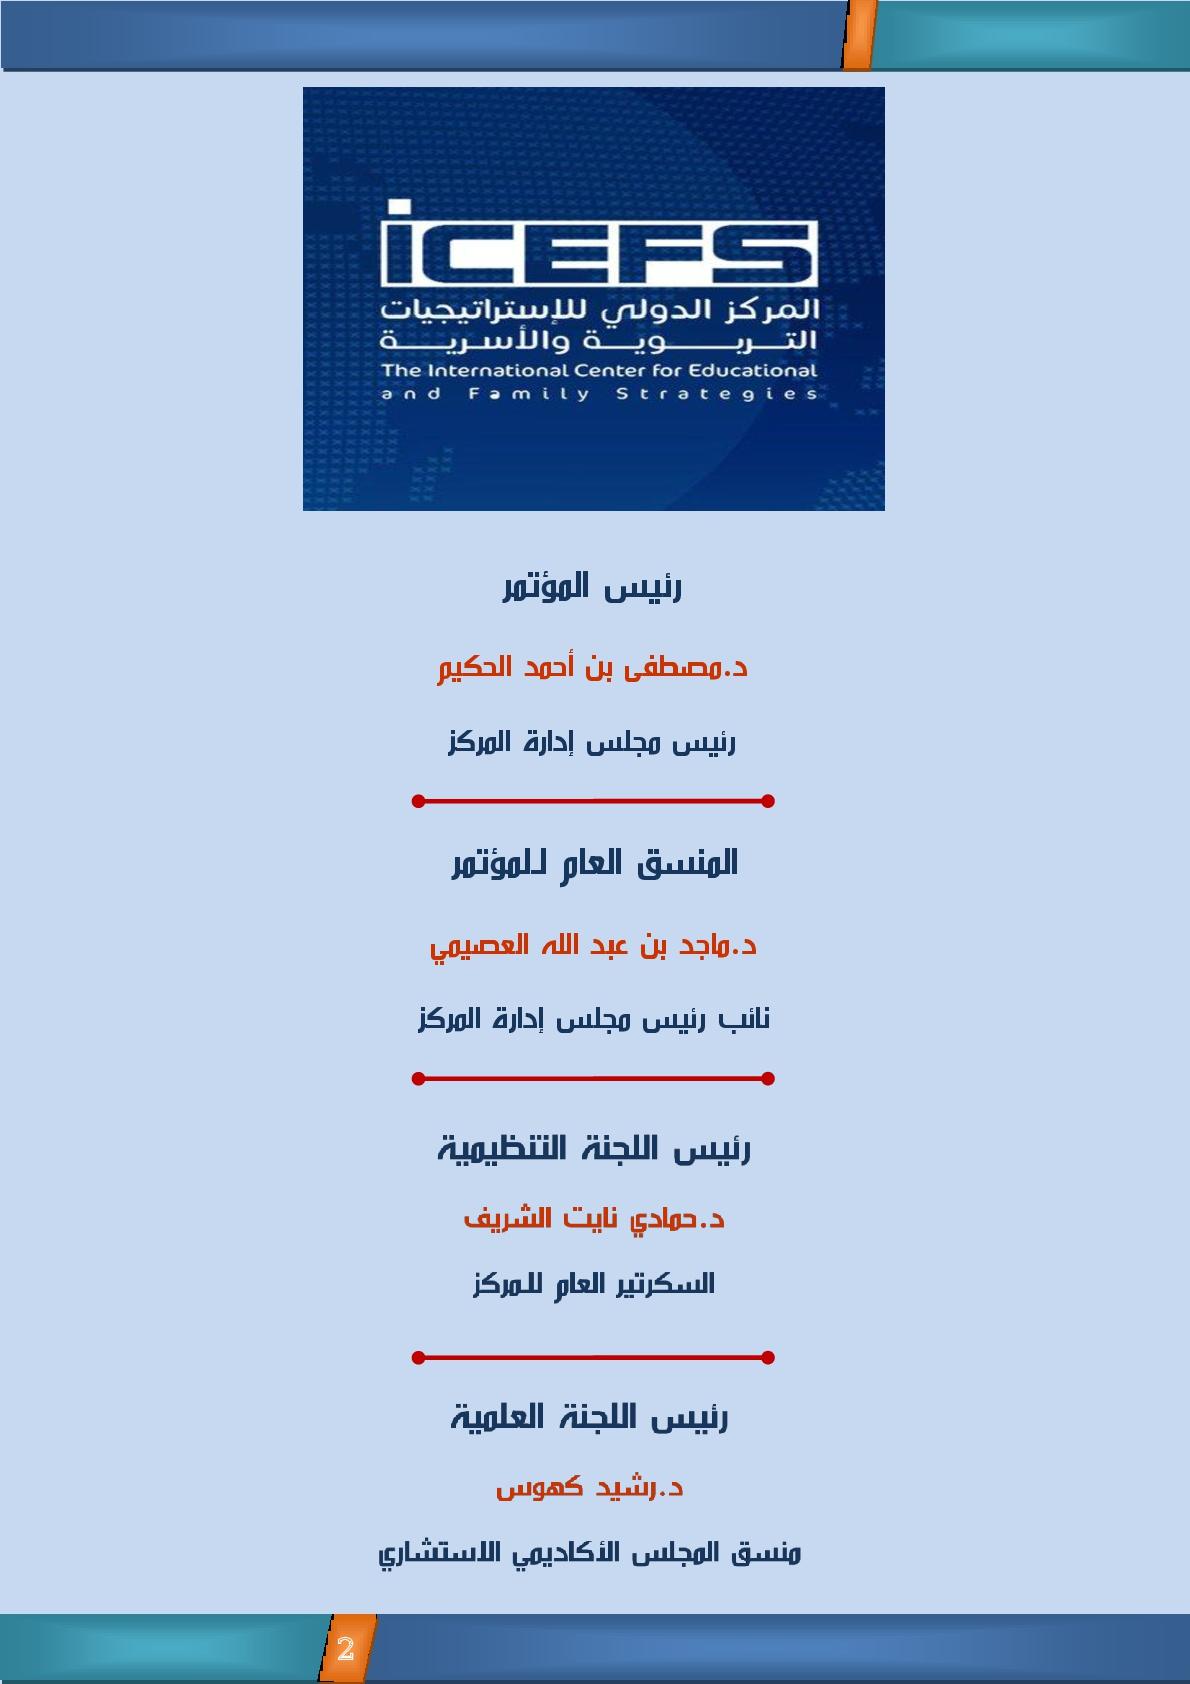 الهيئة العليا للمؤتمر